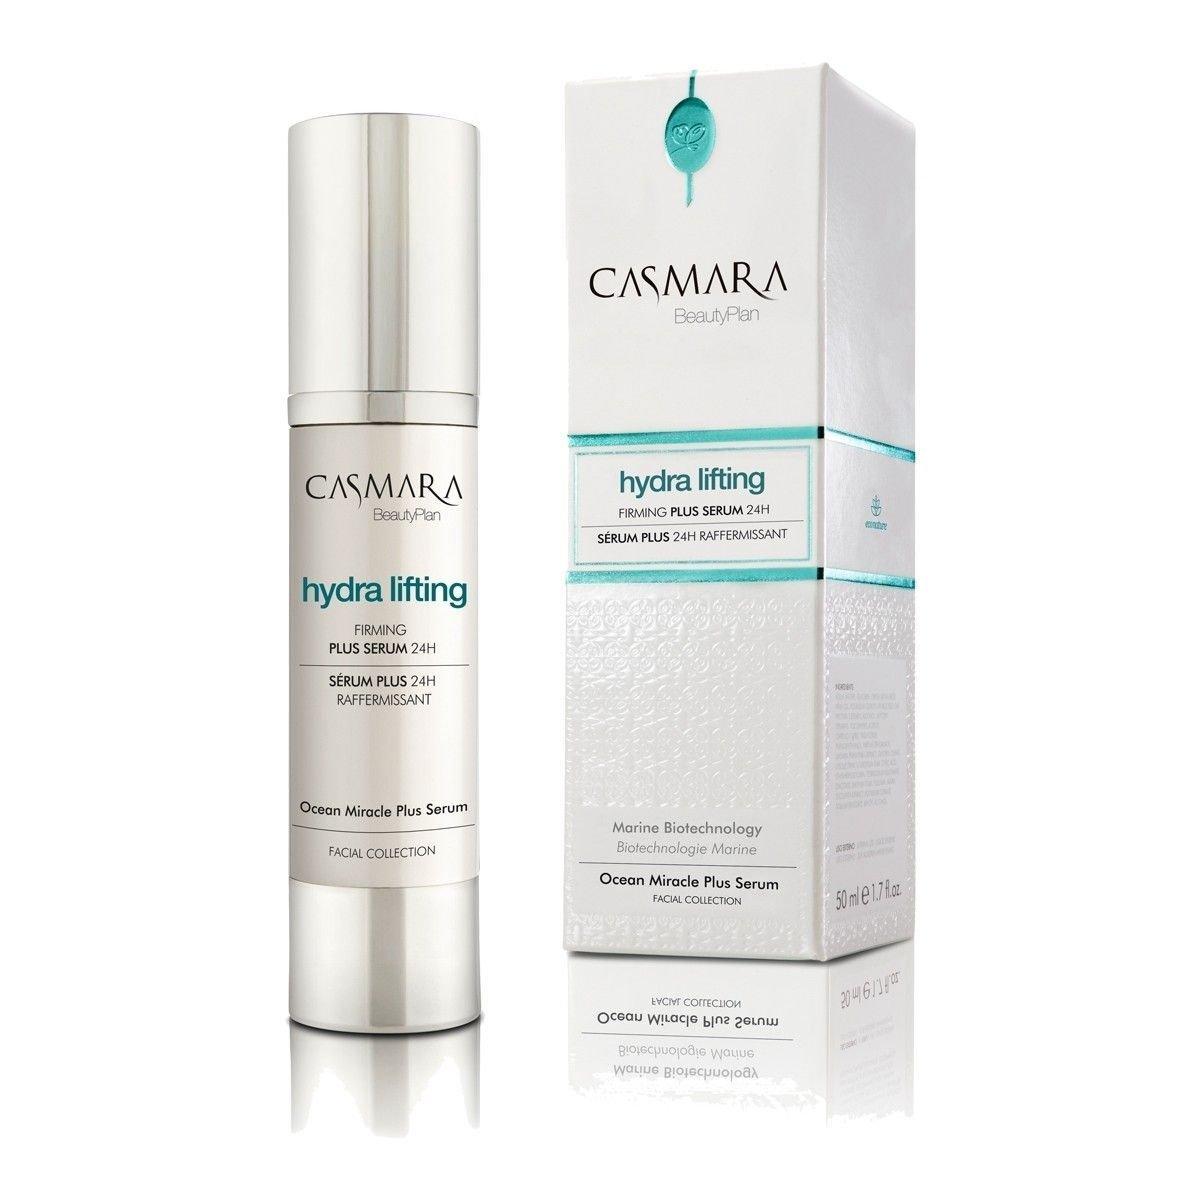 Afbeelding van Casmara Firming Plus Serum 24H 50Ml Hydra Lifting / Beauty